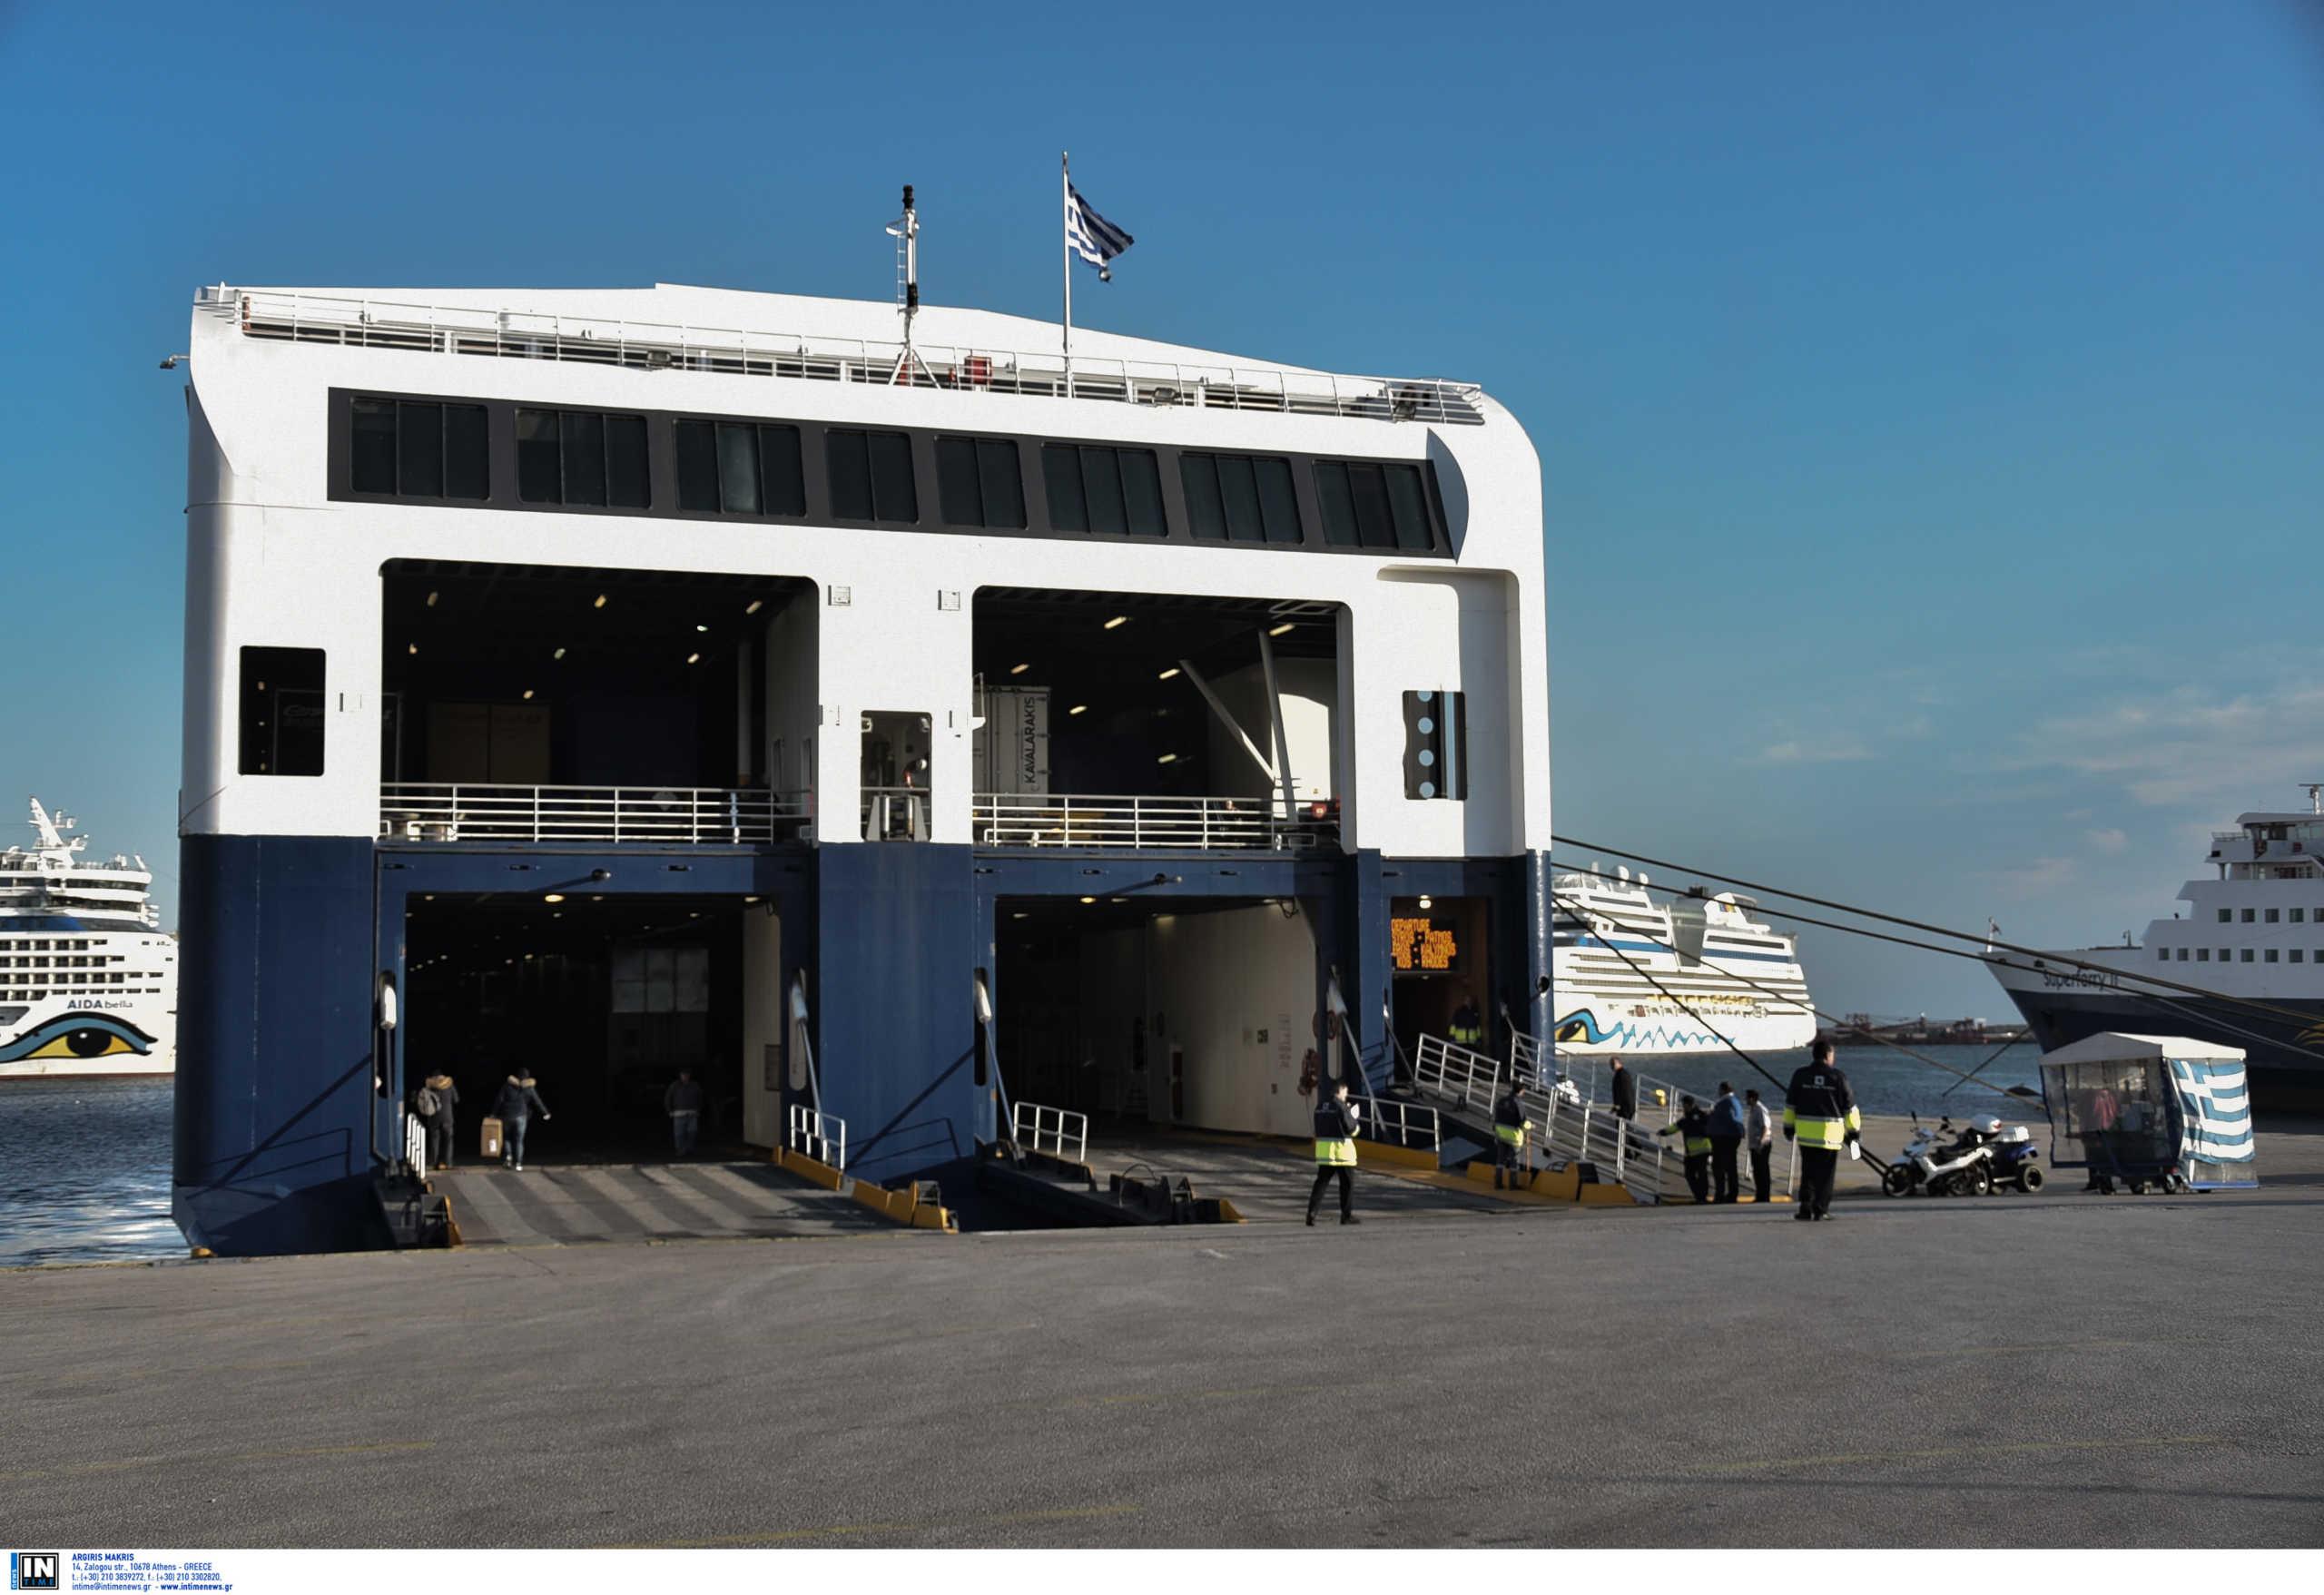 Μετακινήσεις στα νησιά: Ποιοι μπορούν τα να ταξιδέψουν και τι πρέπει να έχουν μαζί τους